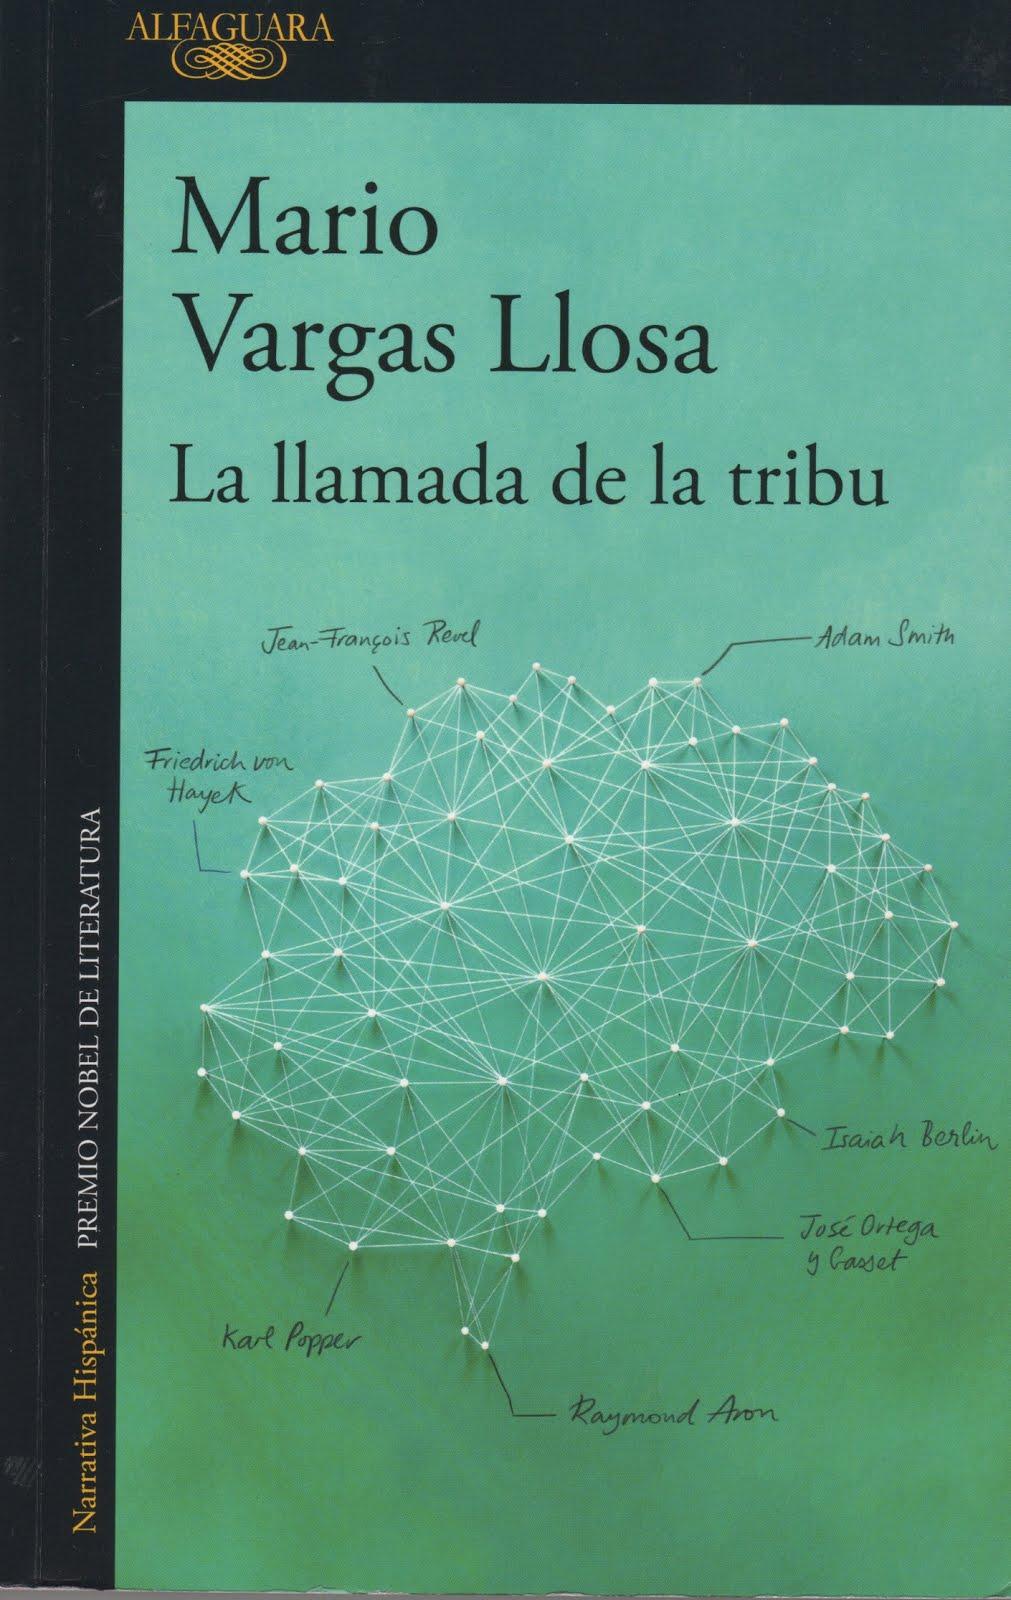 Mario Vargas Llosa (La llamada de la tribu)